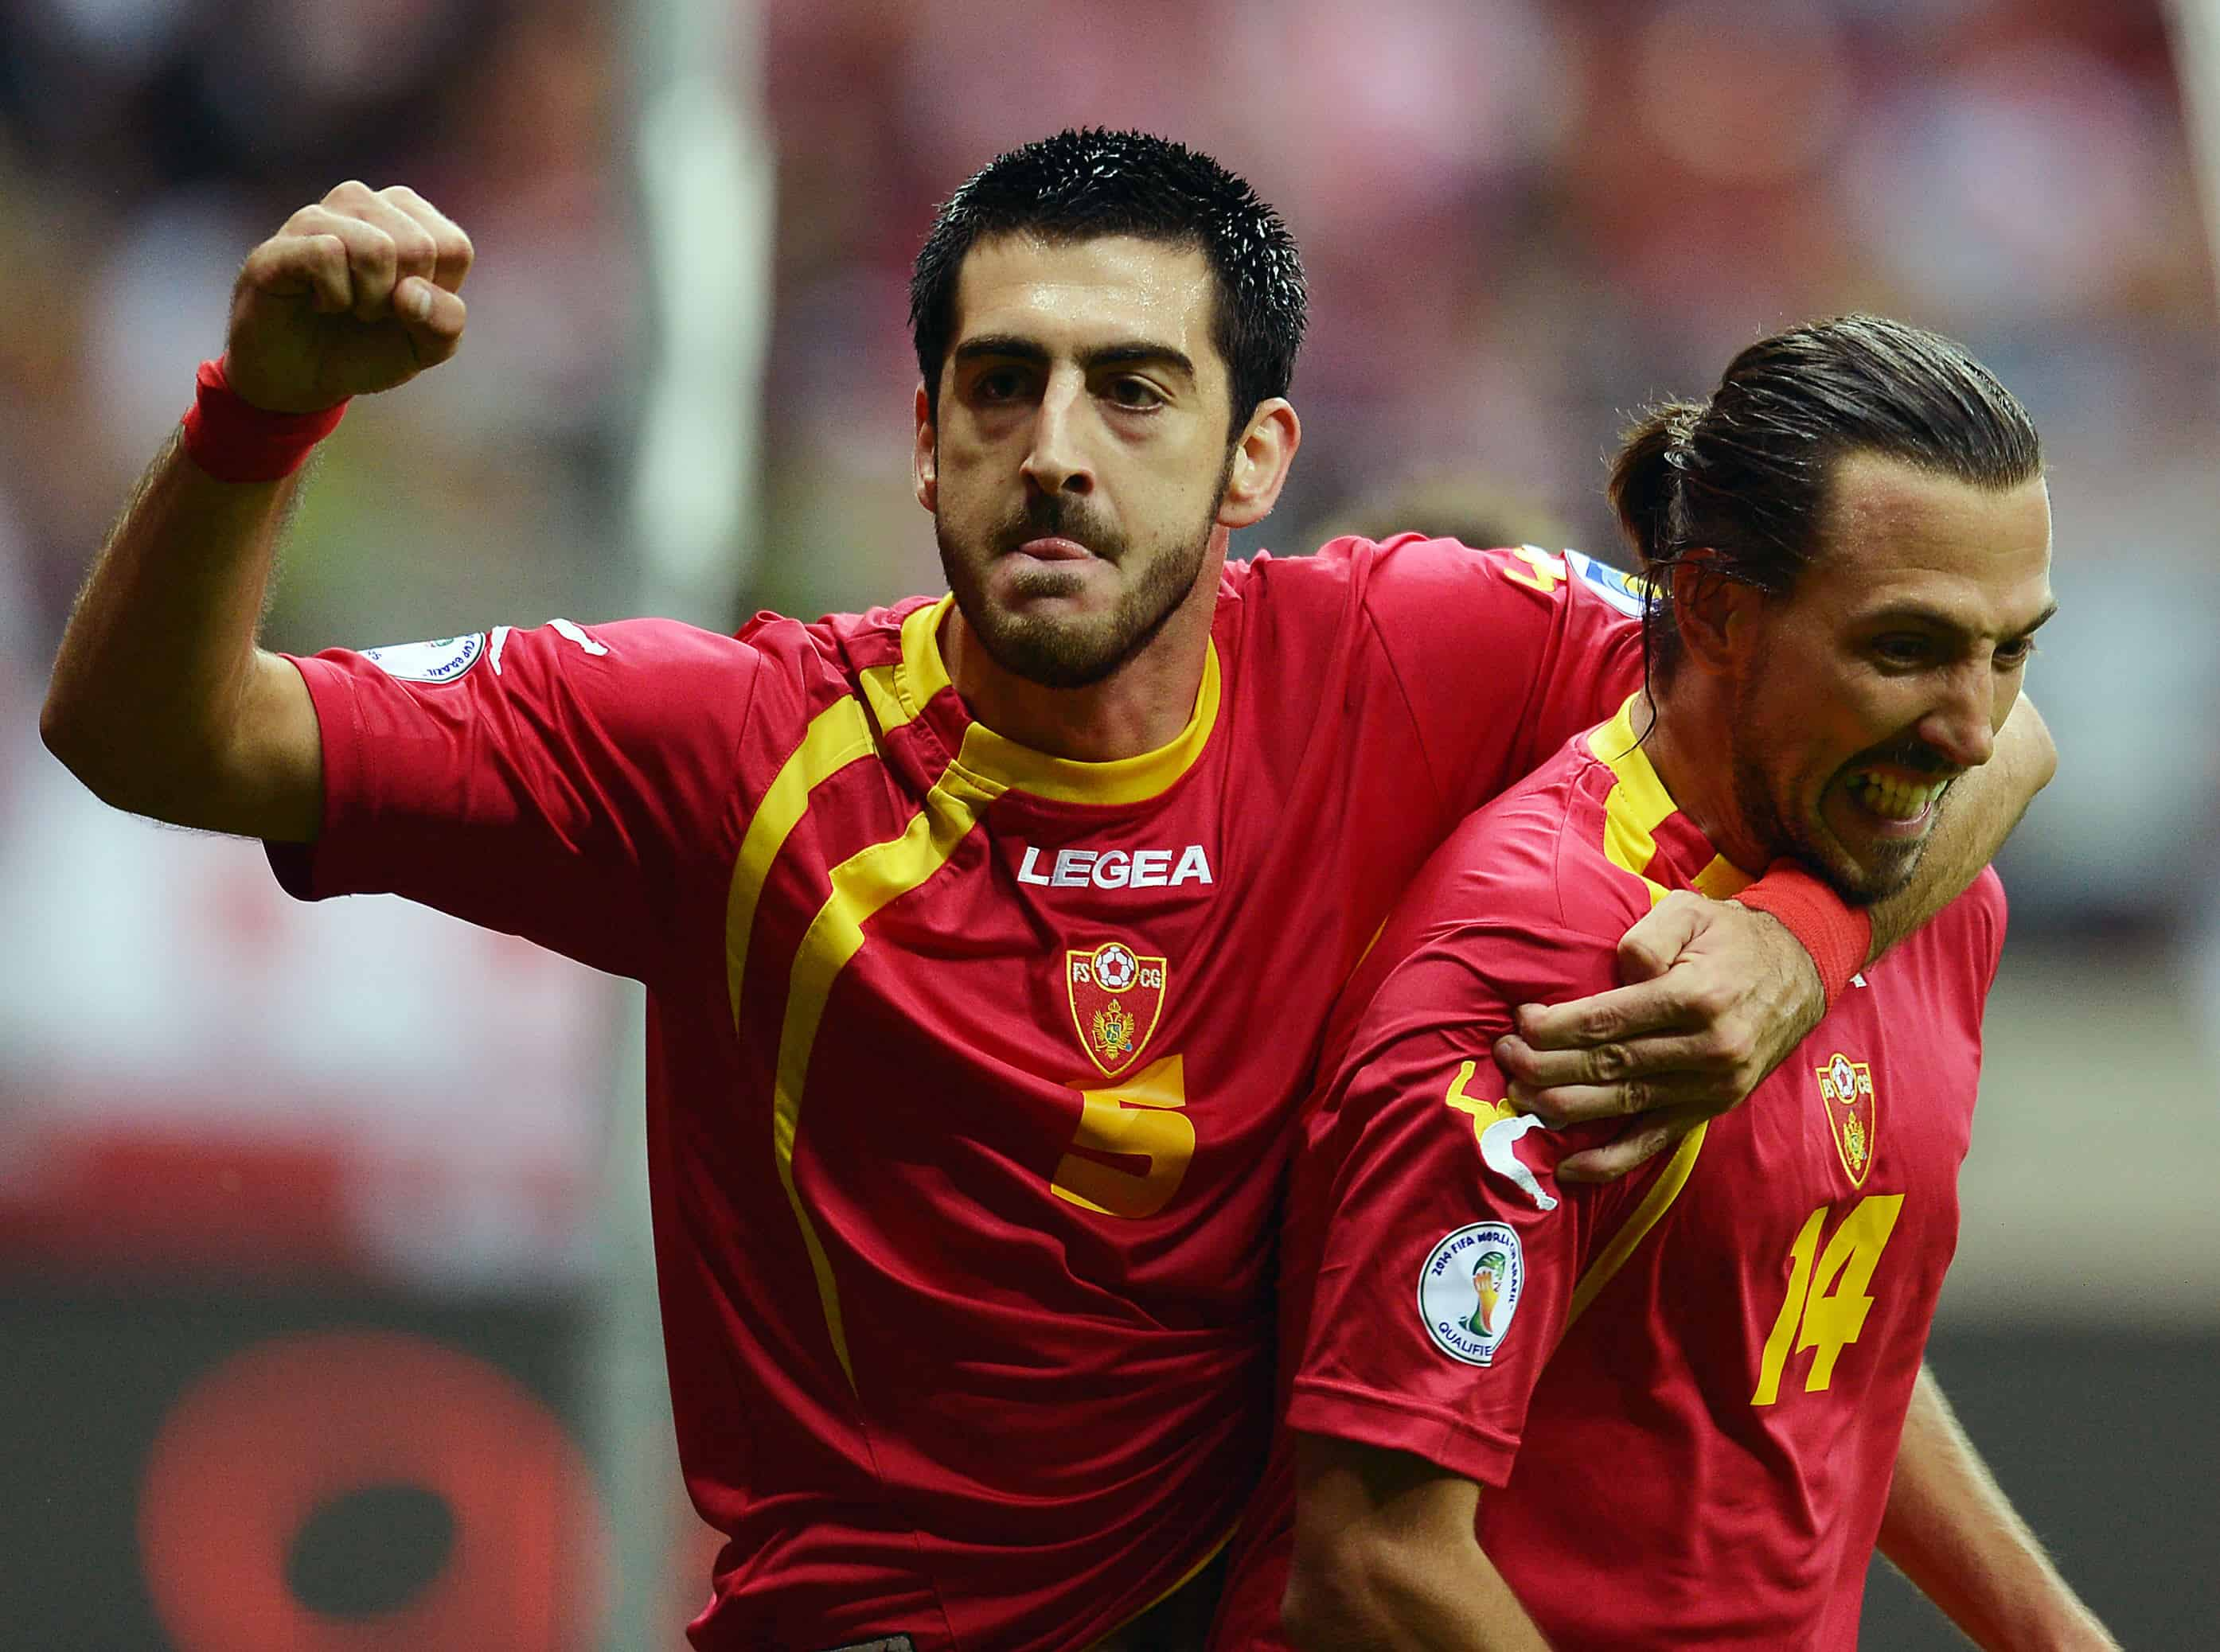 montenegro fc soccer team 2019.